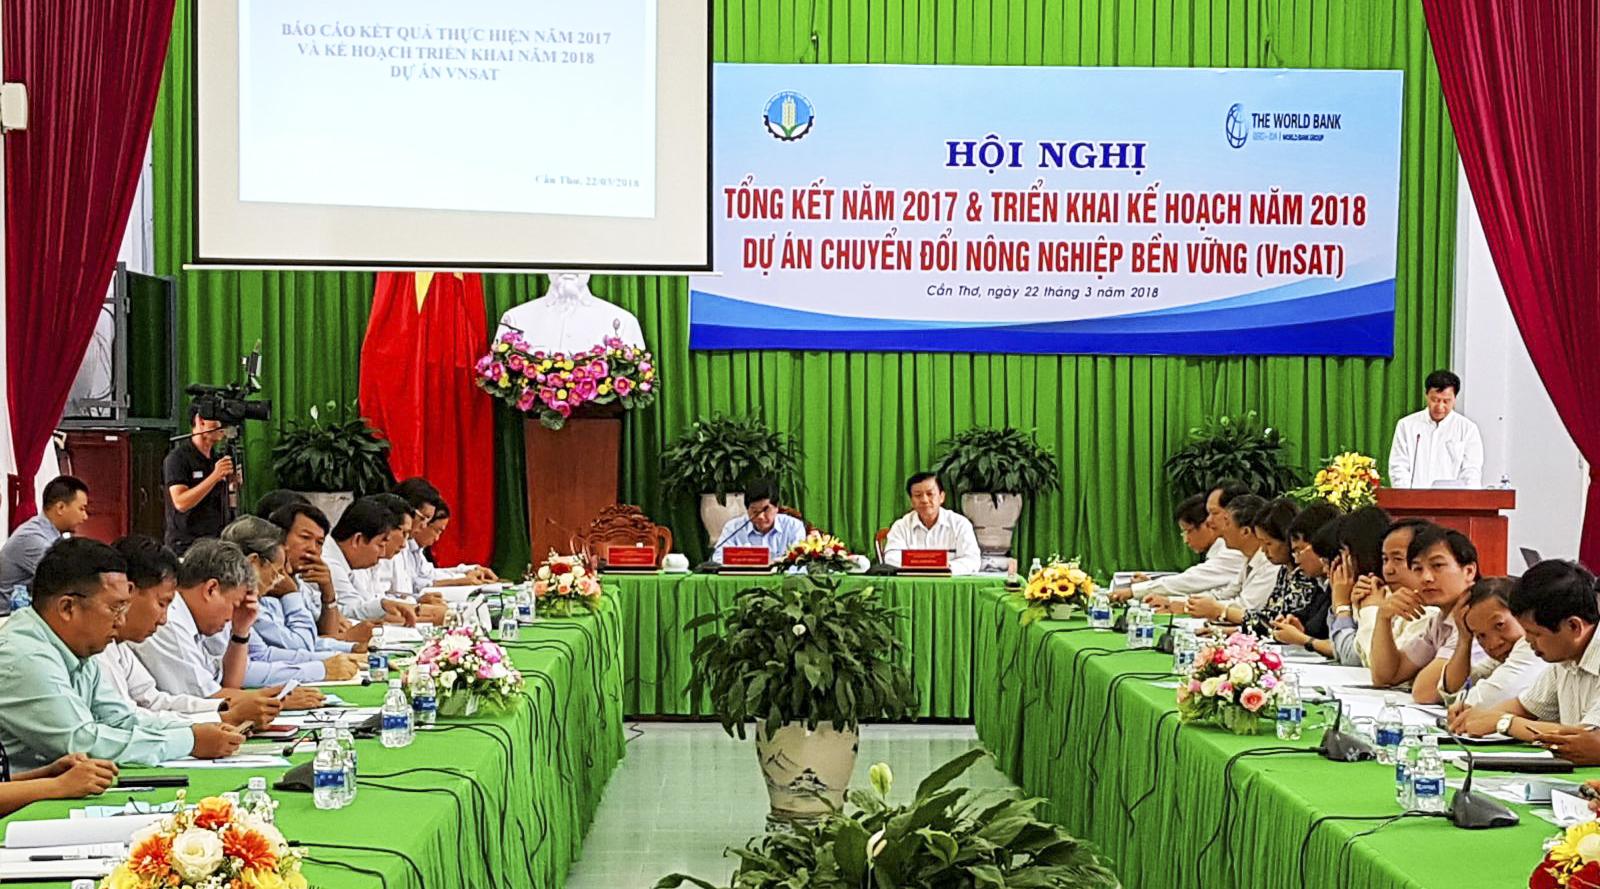 Lãnh đạo Bộ Nông nghiệp và Phát triển nông thôn, TP Cần Thơ và các tỉnh trong vùng Dự án VnSAT tham dự hội nghị. Ảnh: ANH KHOA